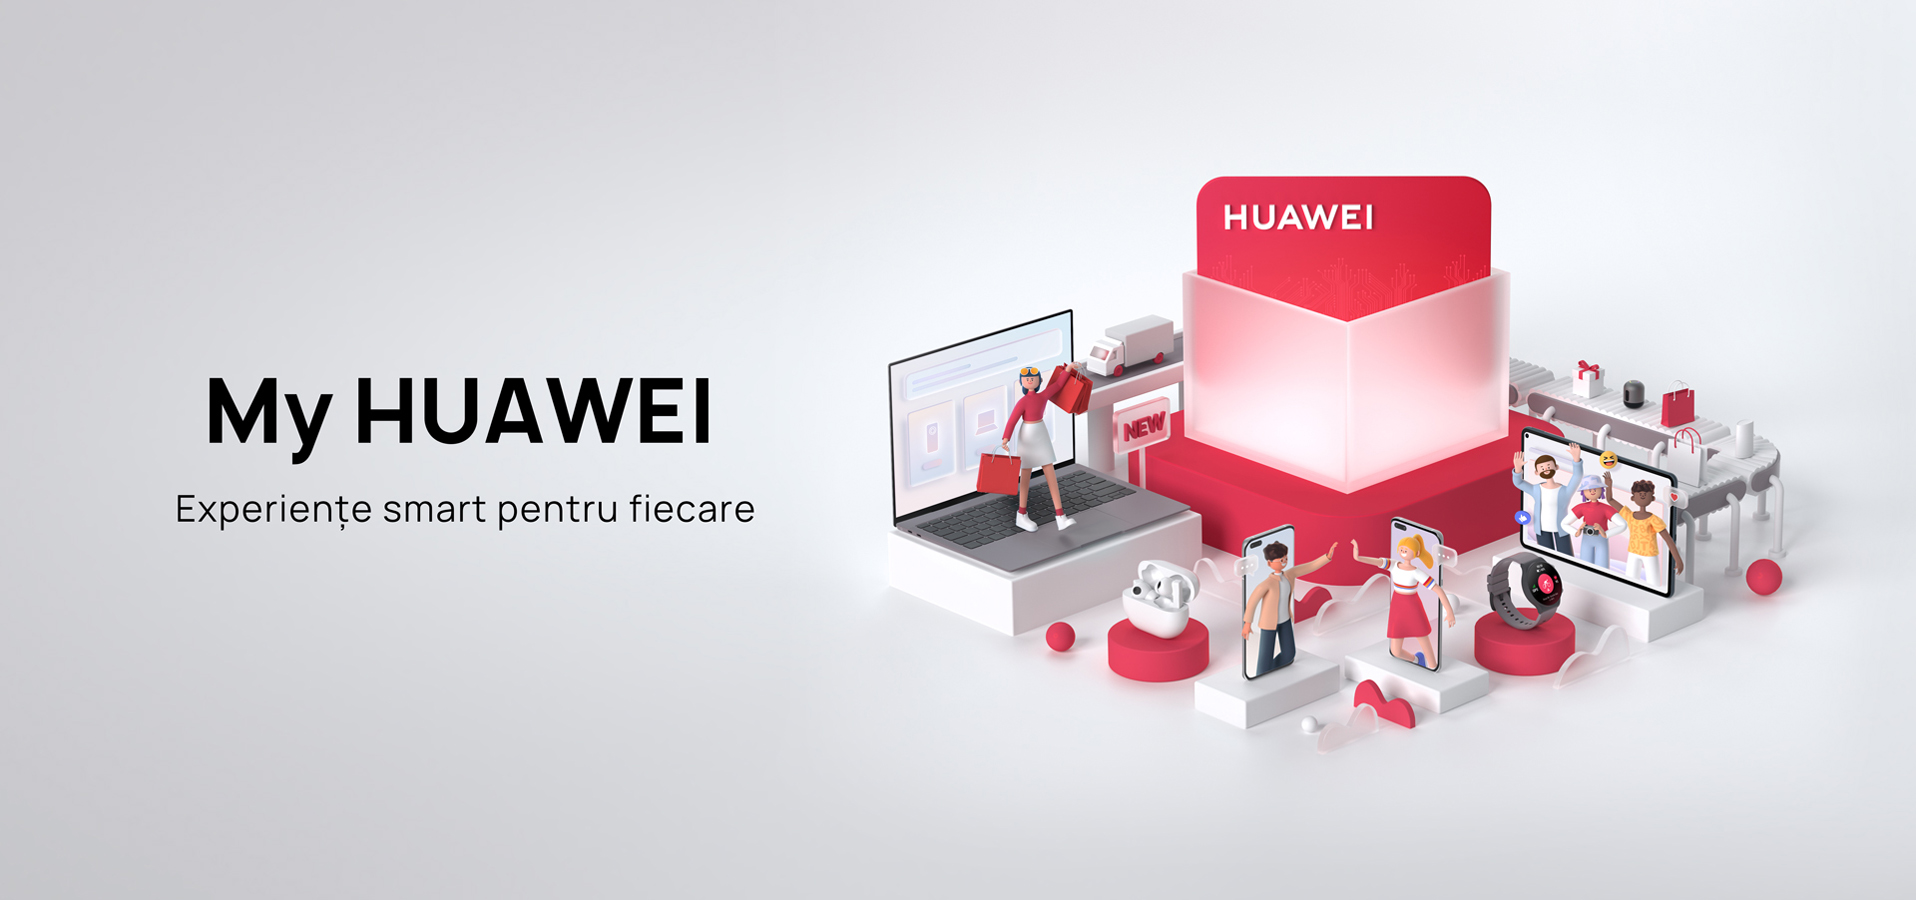 My Huawei